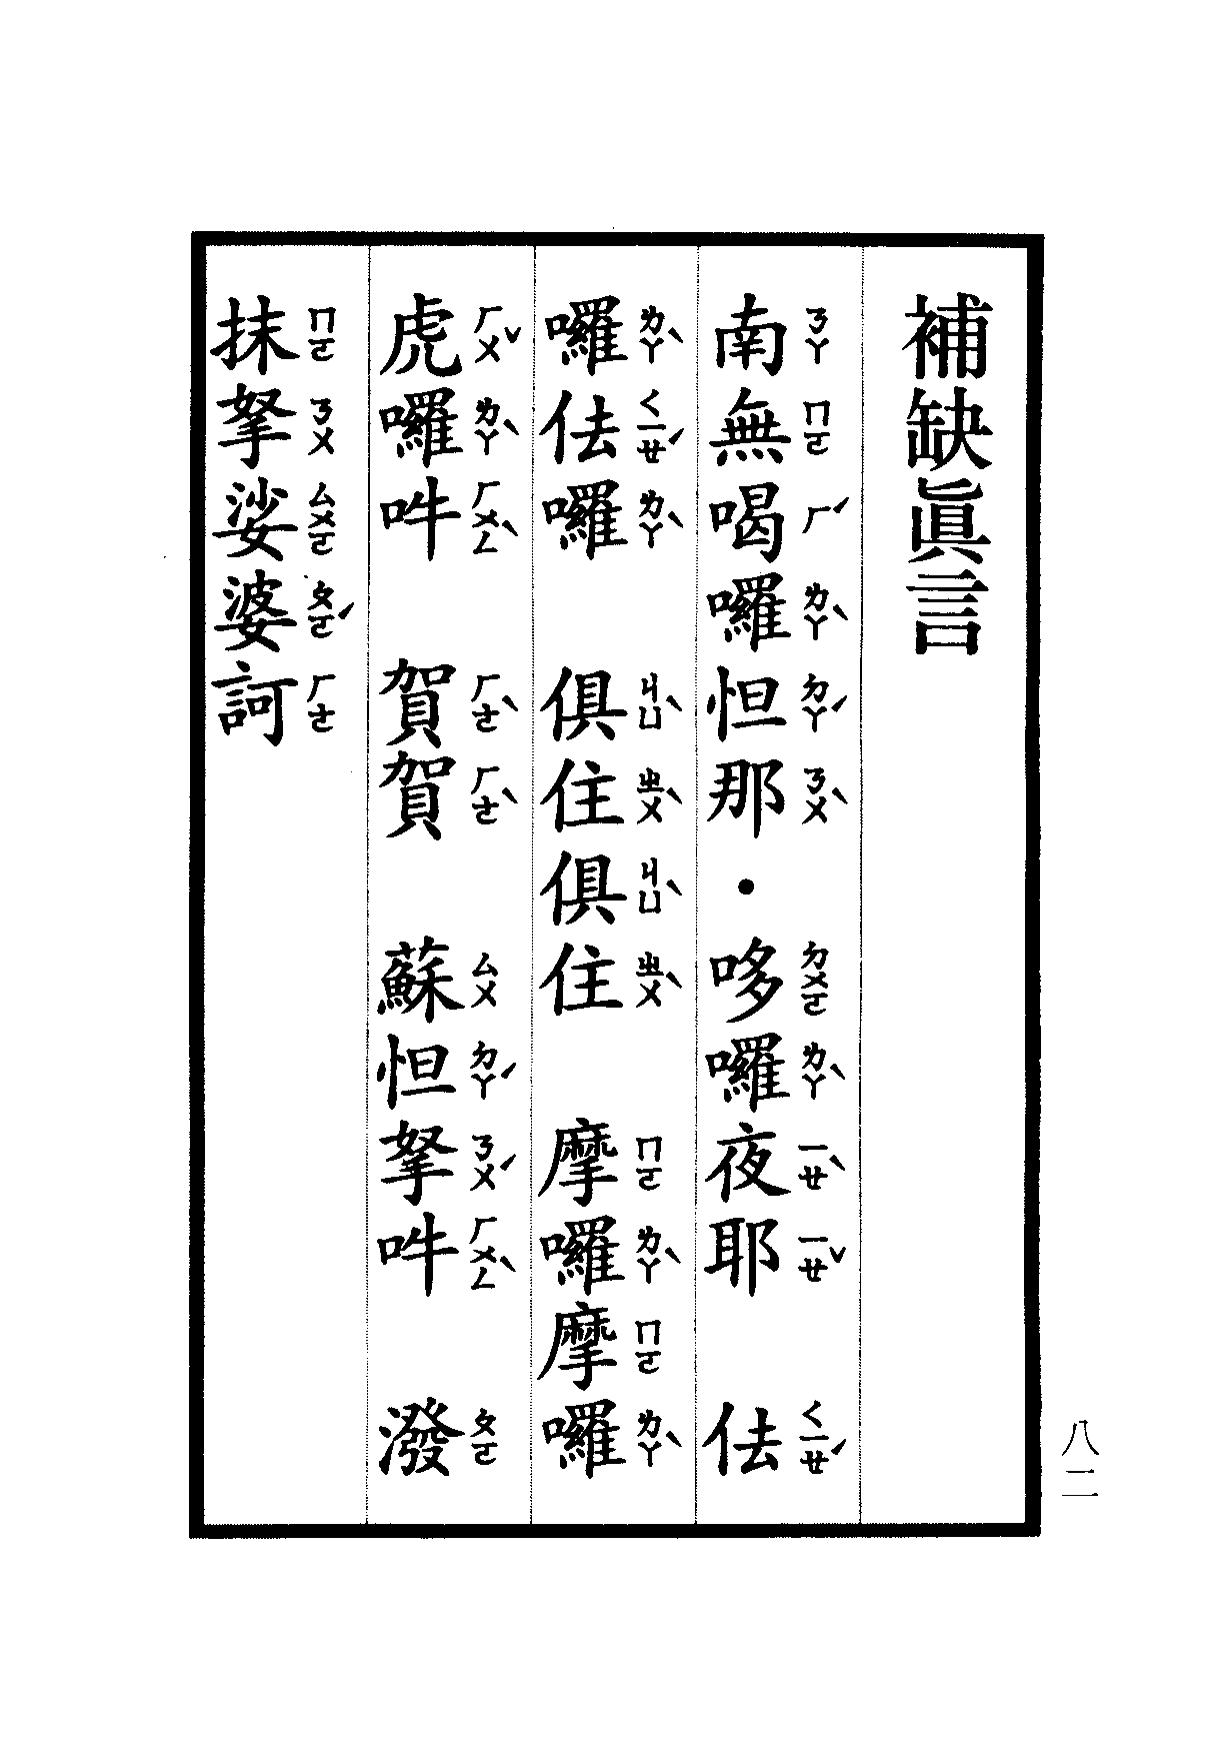 楞嚴咒-大悲咒-十小咒-易背本 88.png